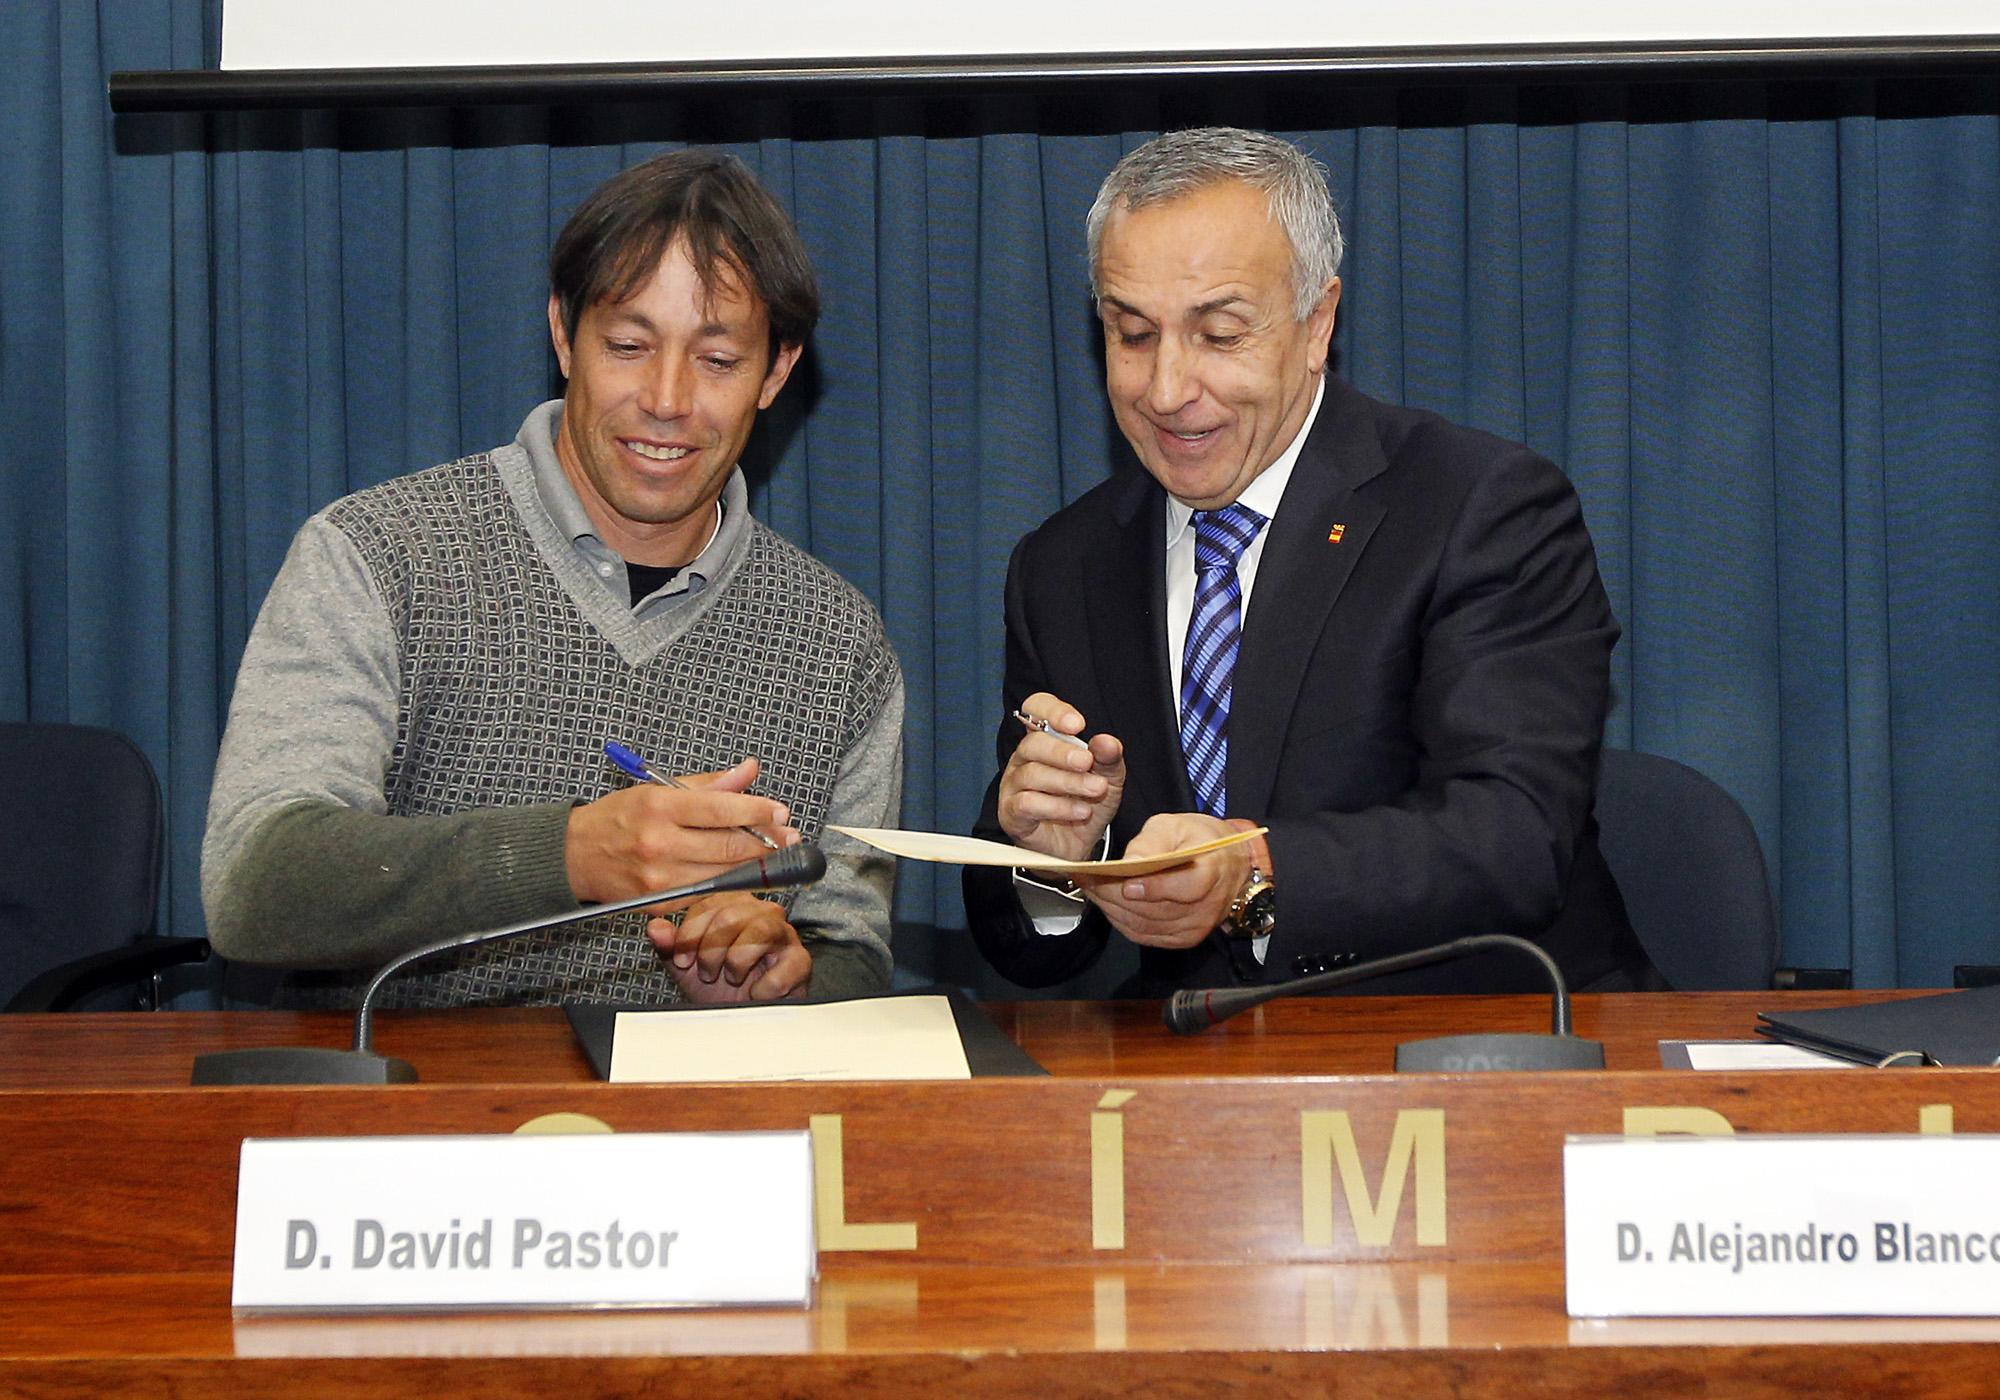 David Pastor, presidente de la Asociación de Profesionales de Golf de España, PGAe, hace una balance de un año de progresos.